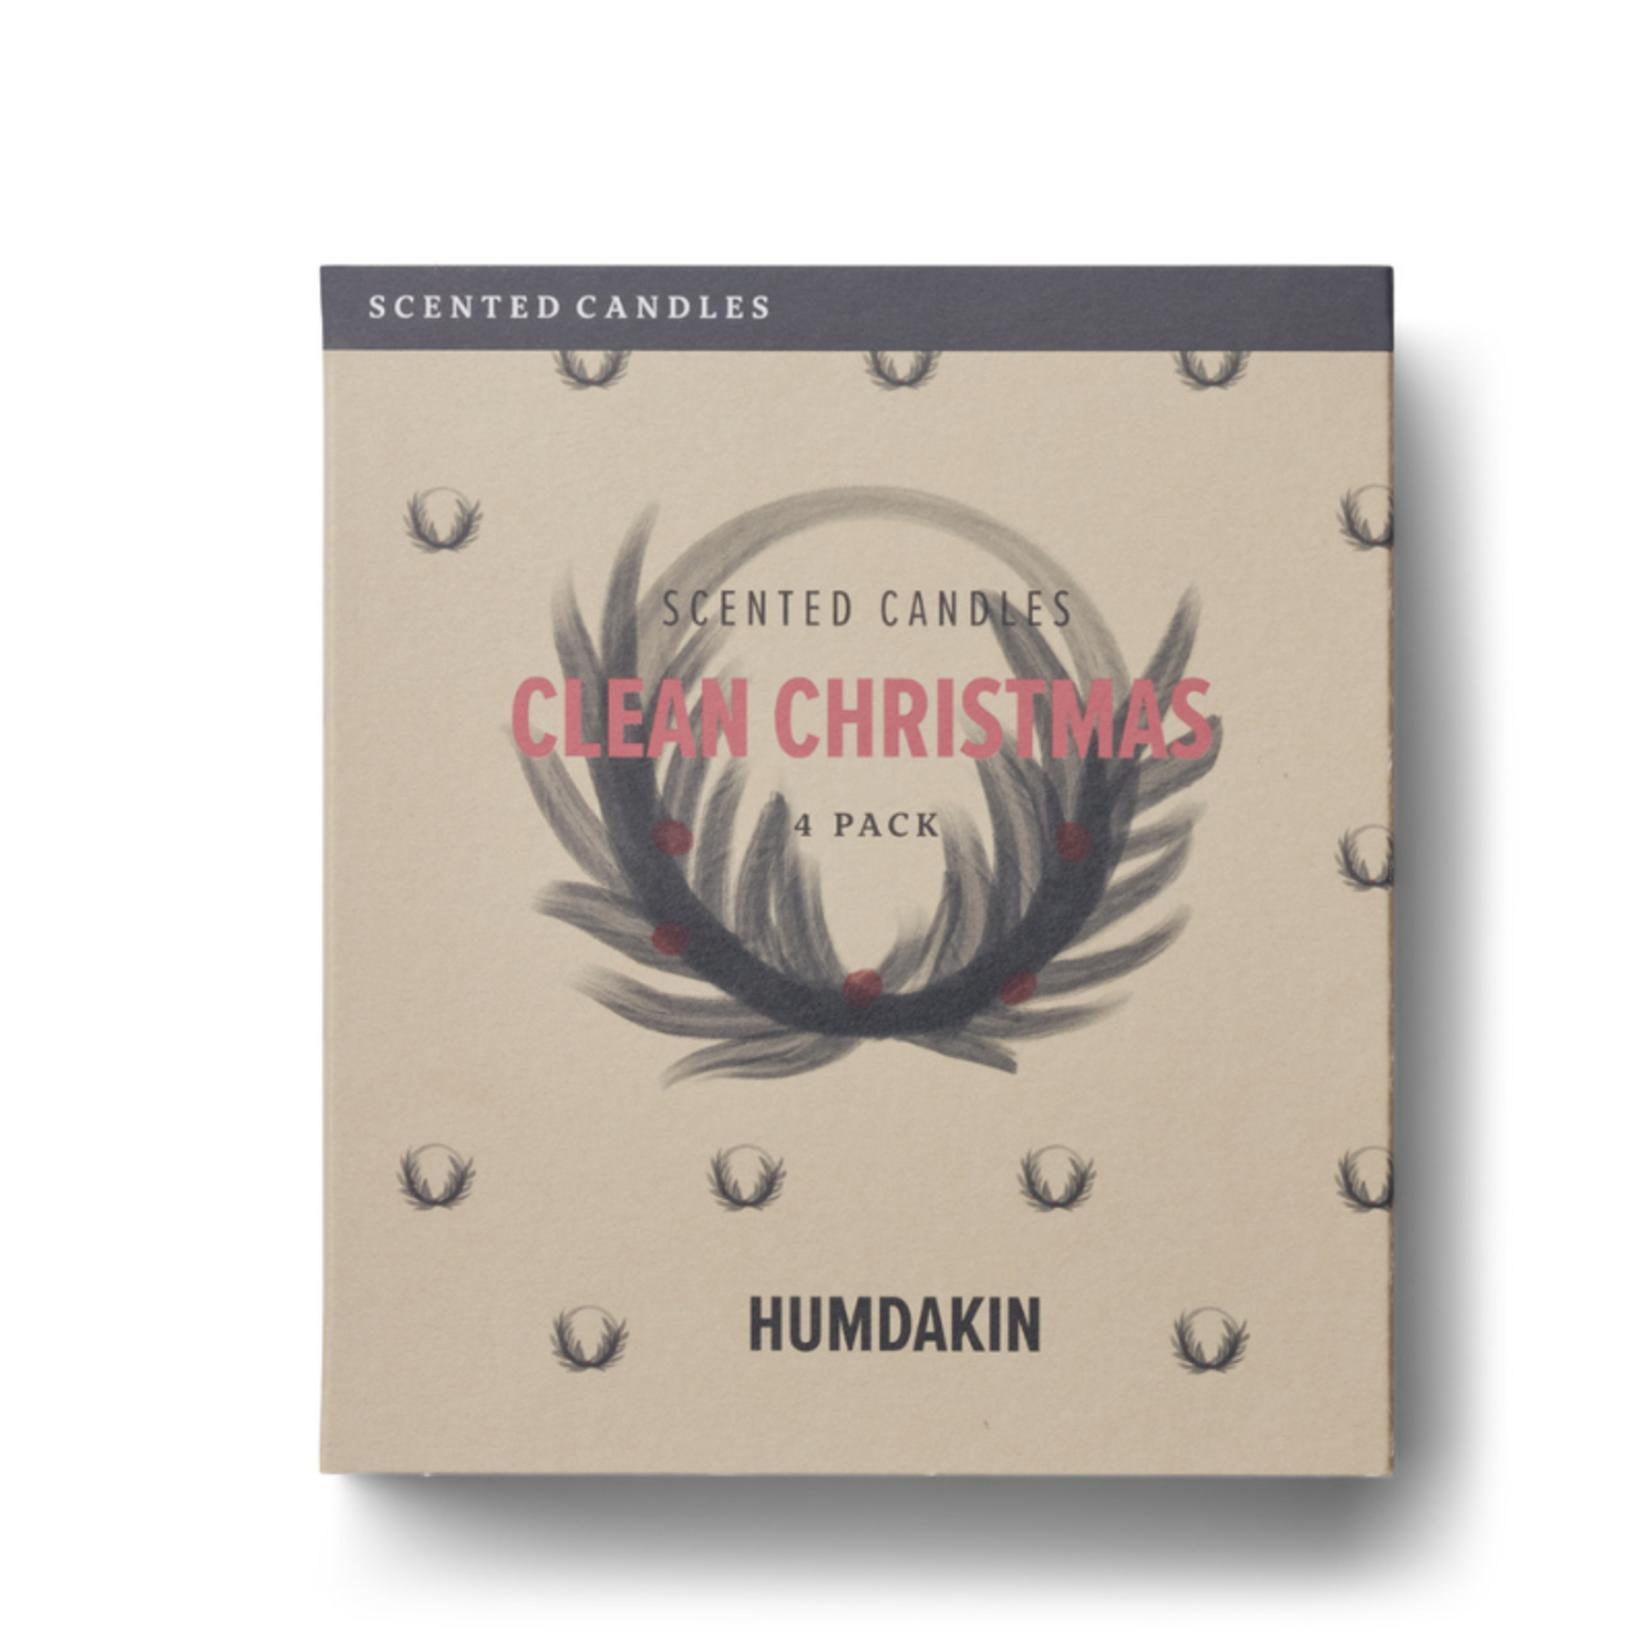 humdakin humdakin - geurkaars - clean christmas - set van 4